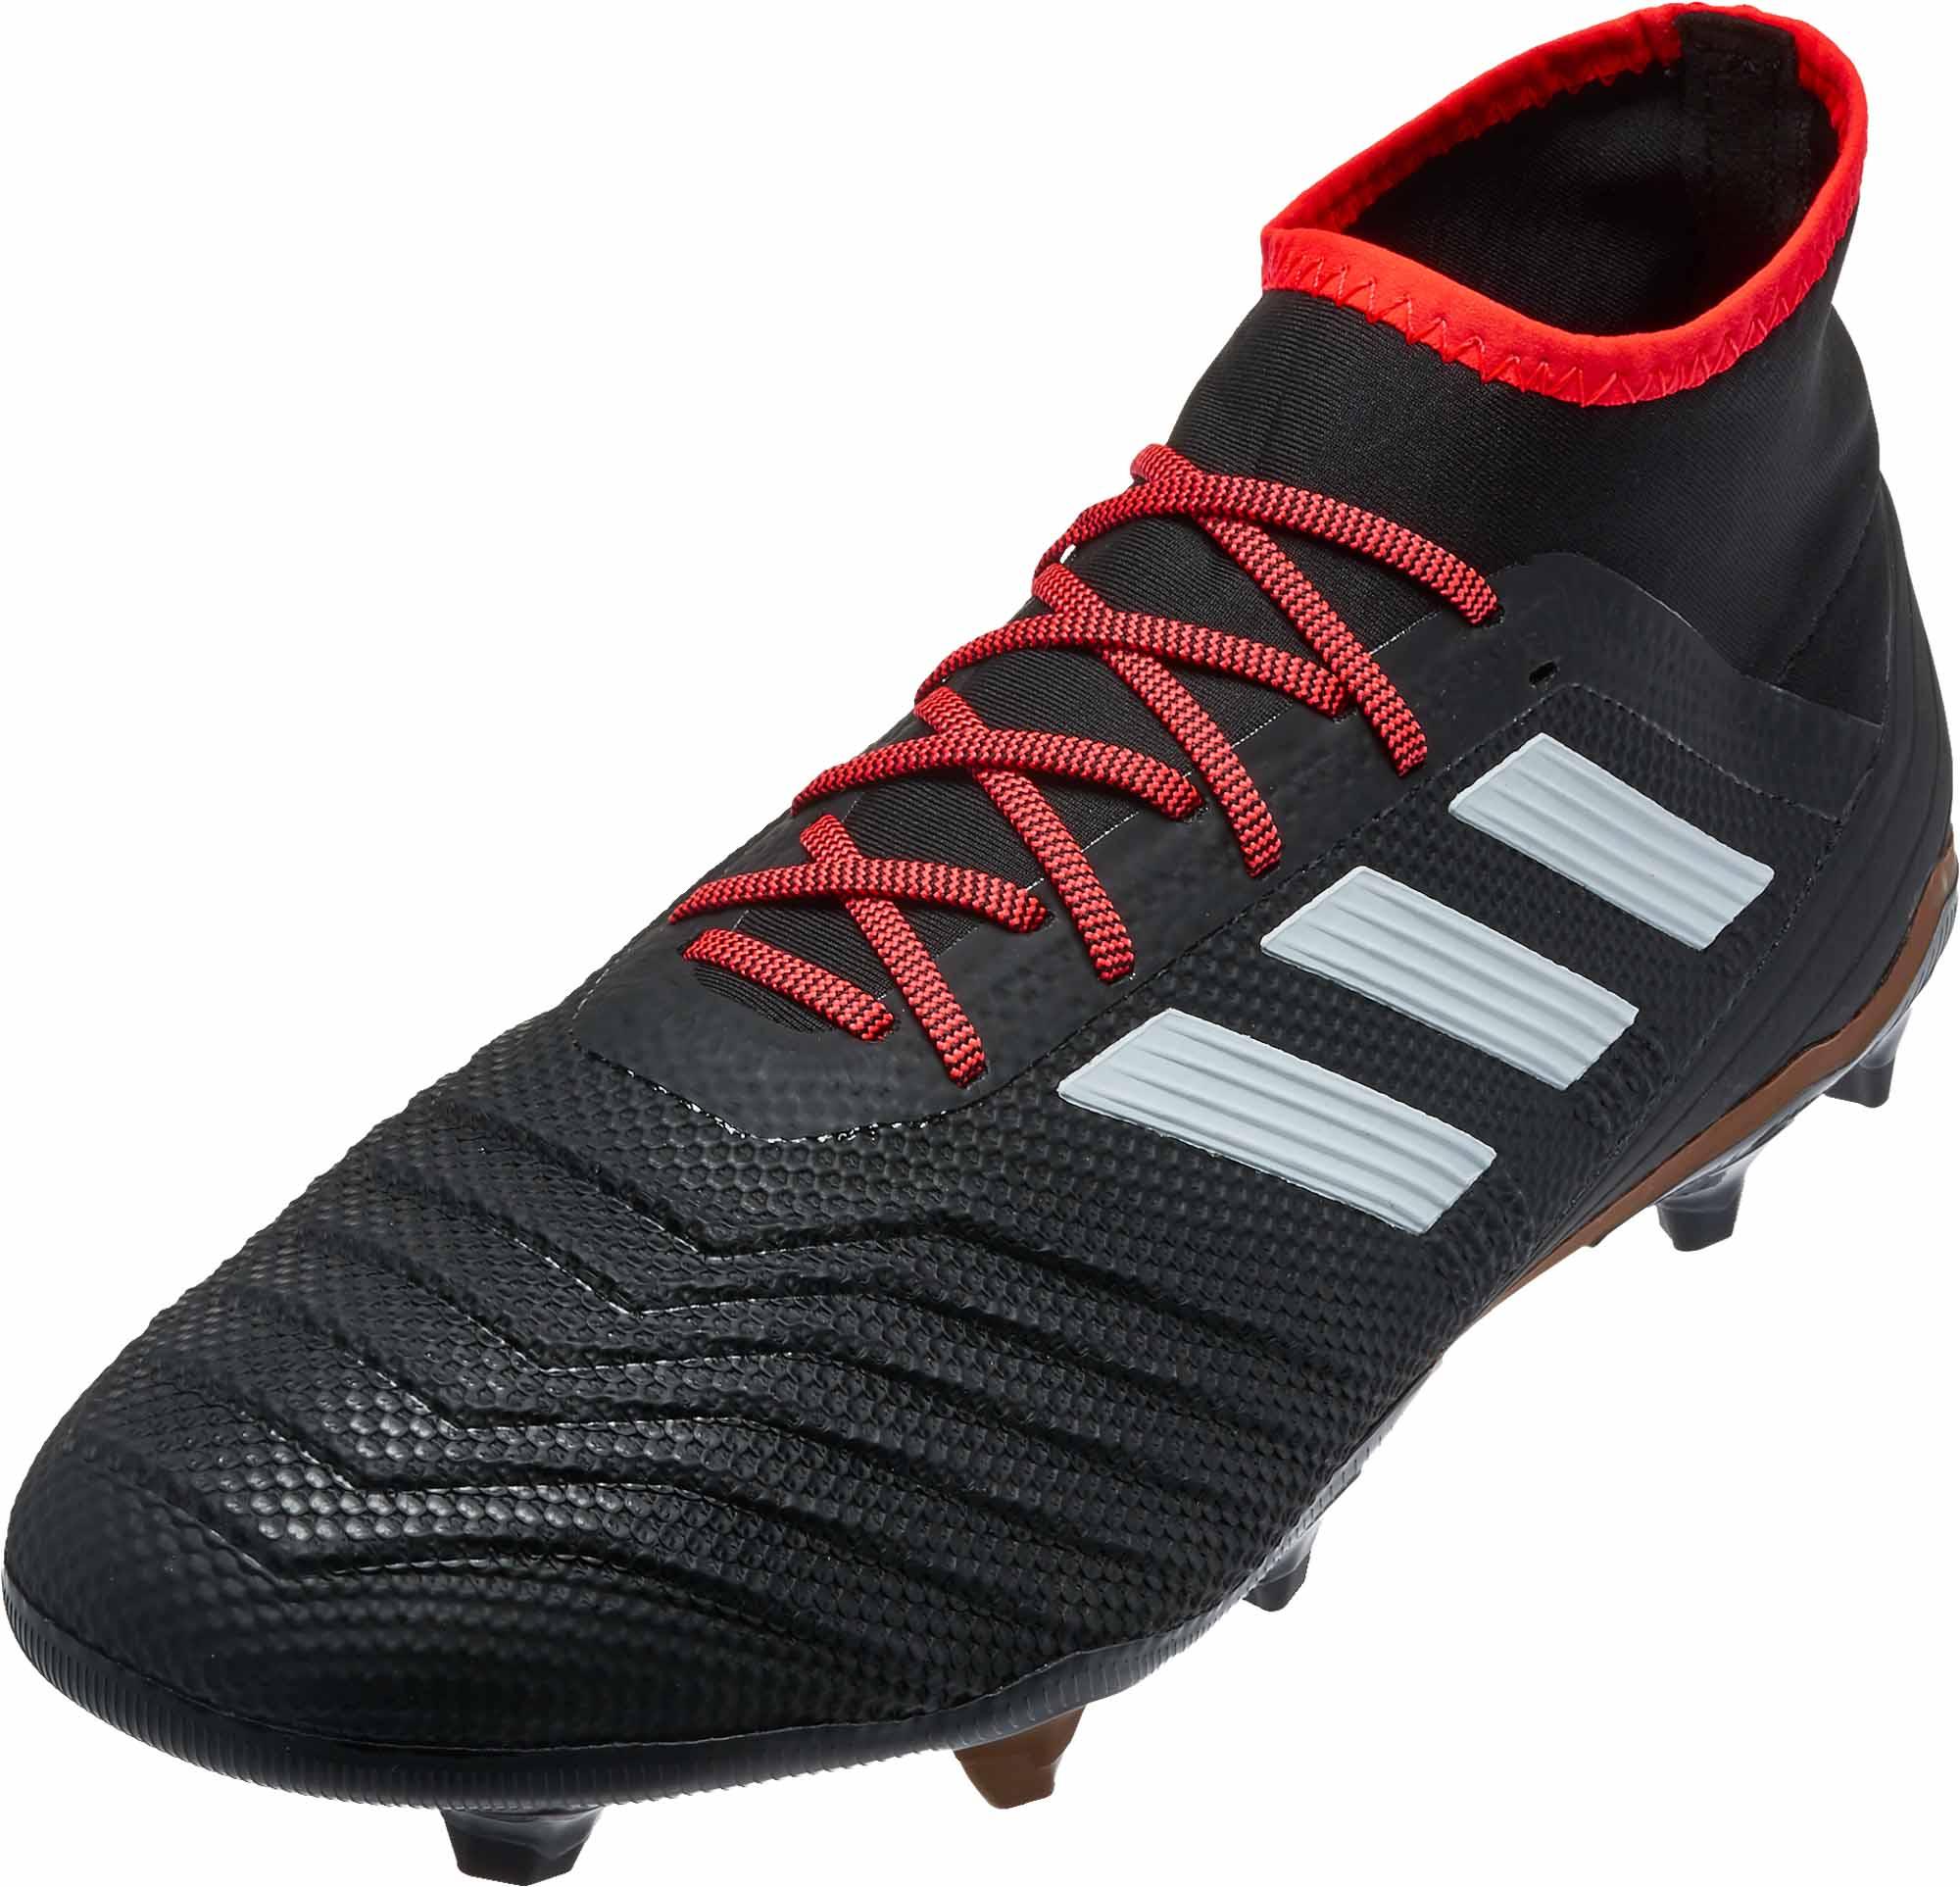 adidas Predator 18.2 FG - Black   Solar Red - Soccer Master 480d2d07b